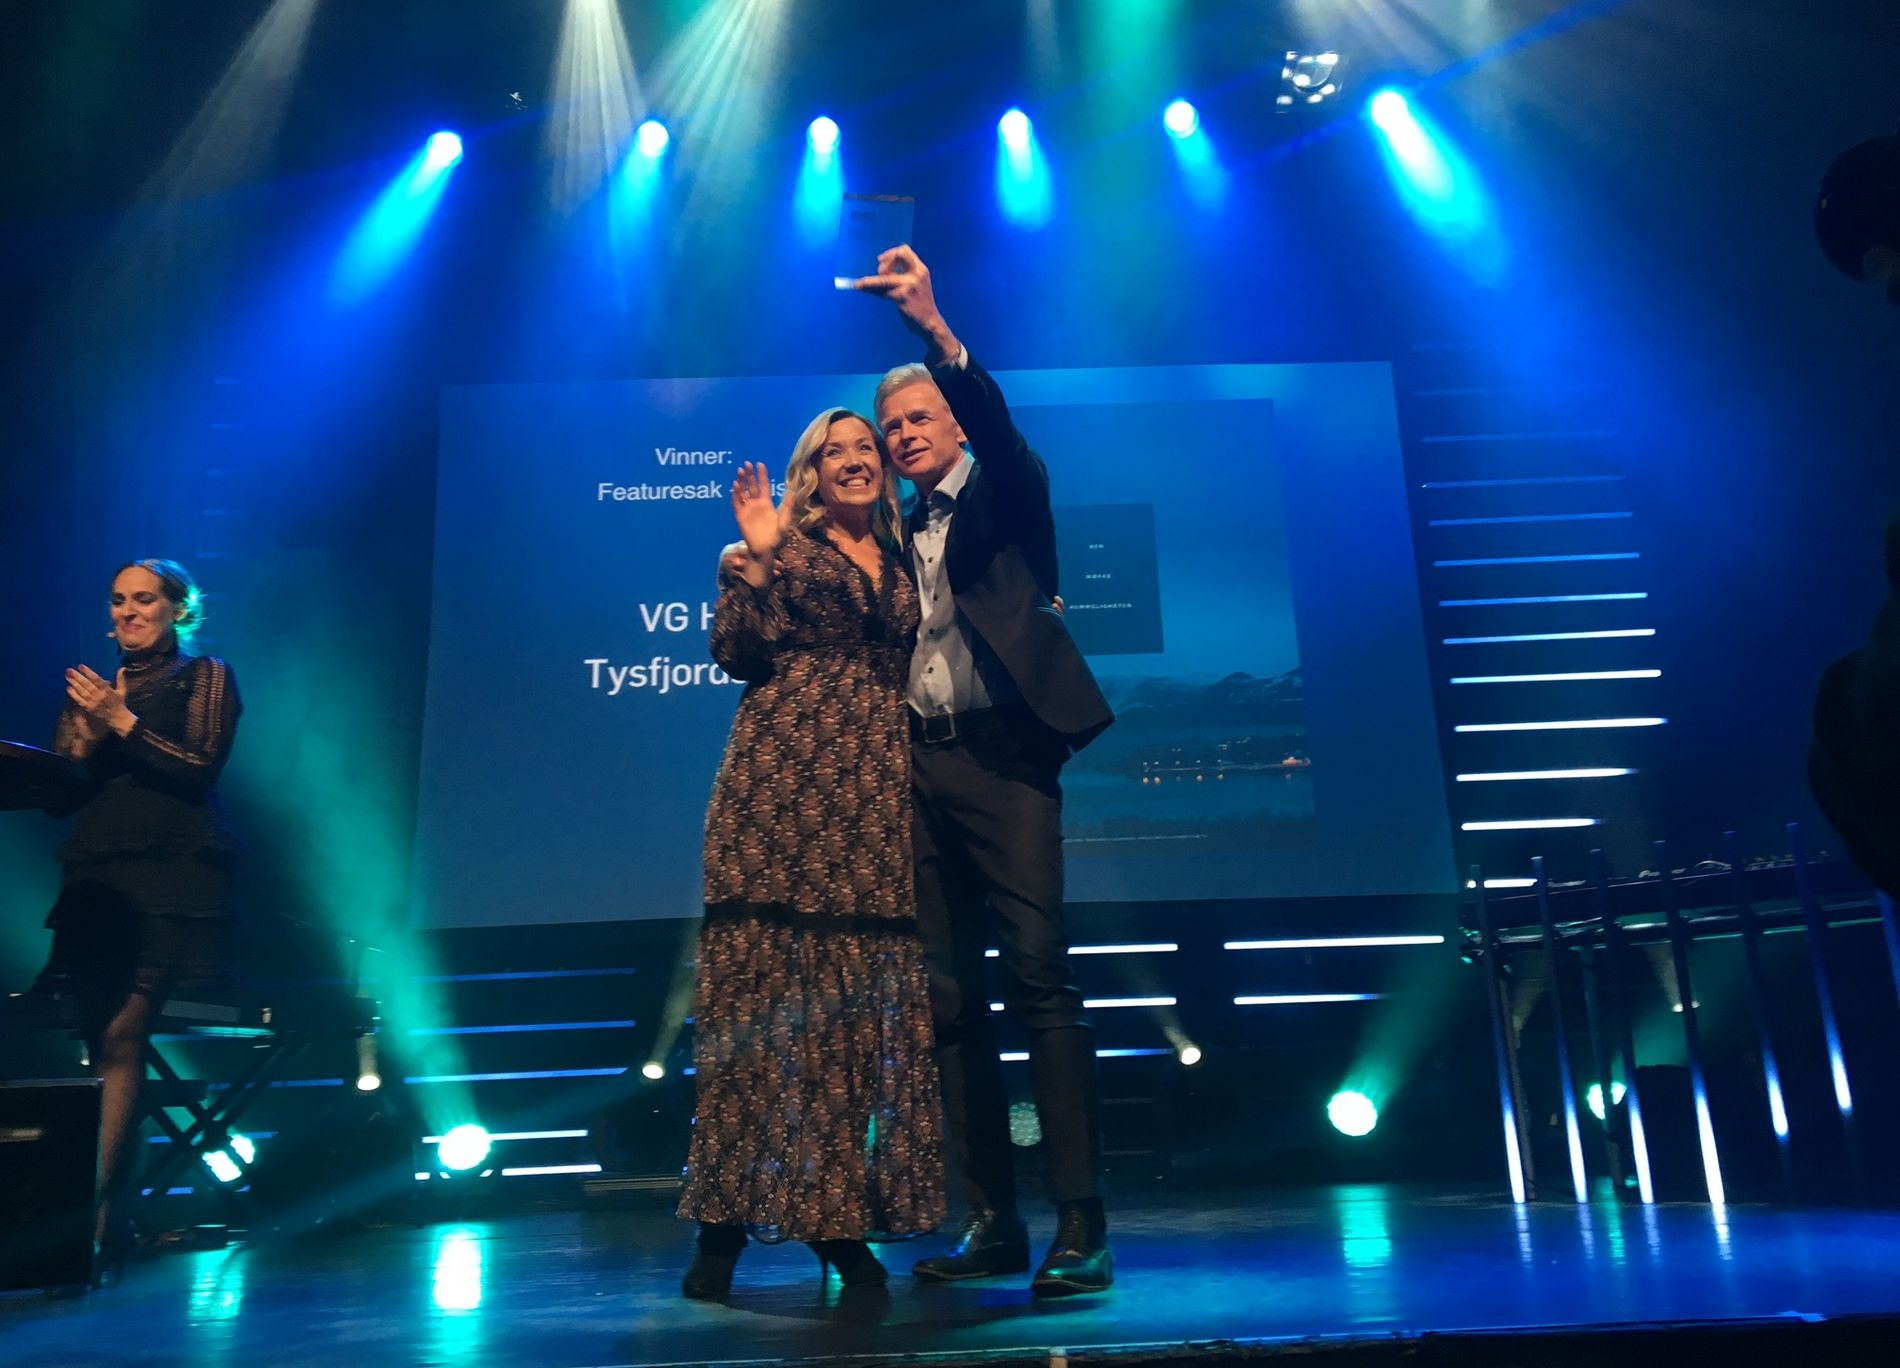 FEATURE: Jane Throndsen og Svein Kjølberg i VG Helg tar imot prisen for Årets featuresak for Tysfjordsaken.